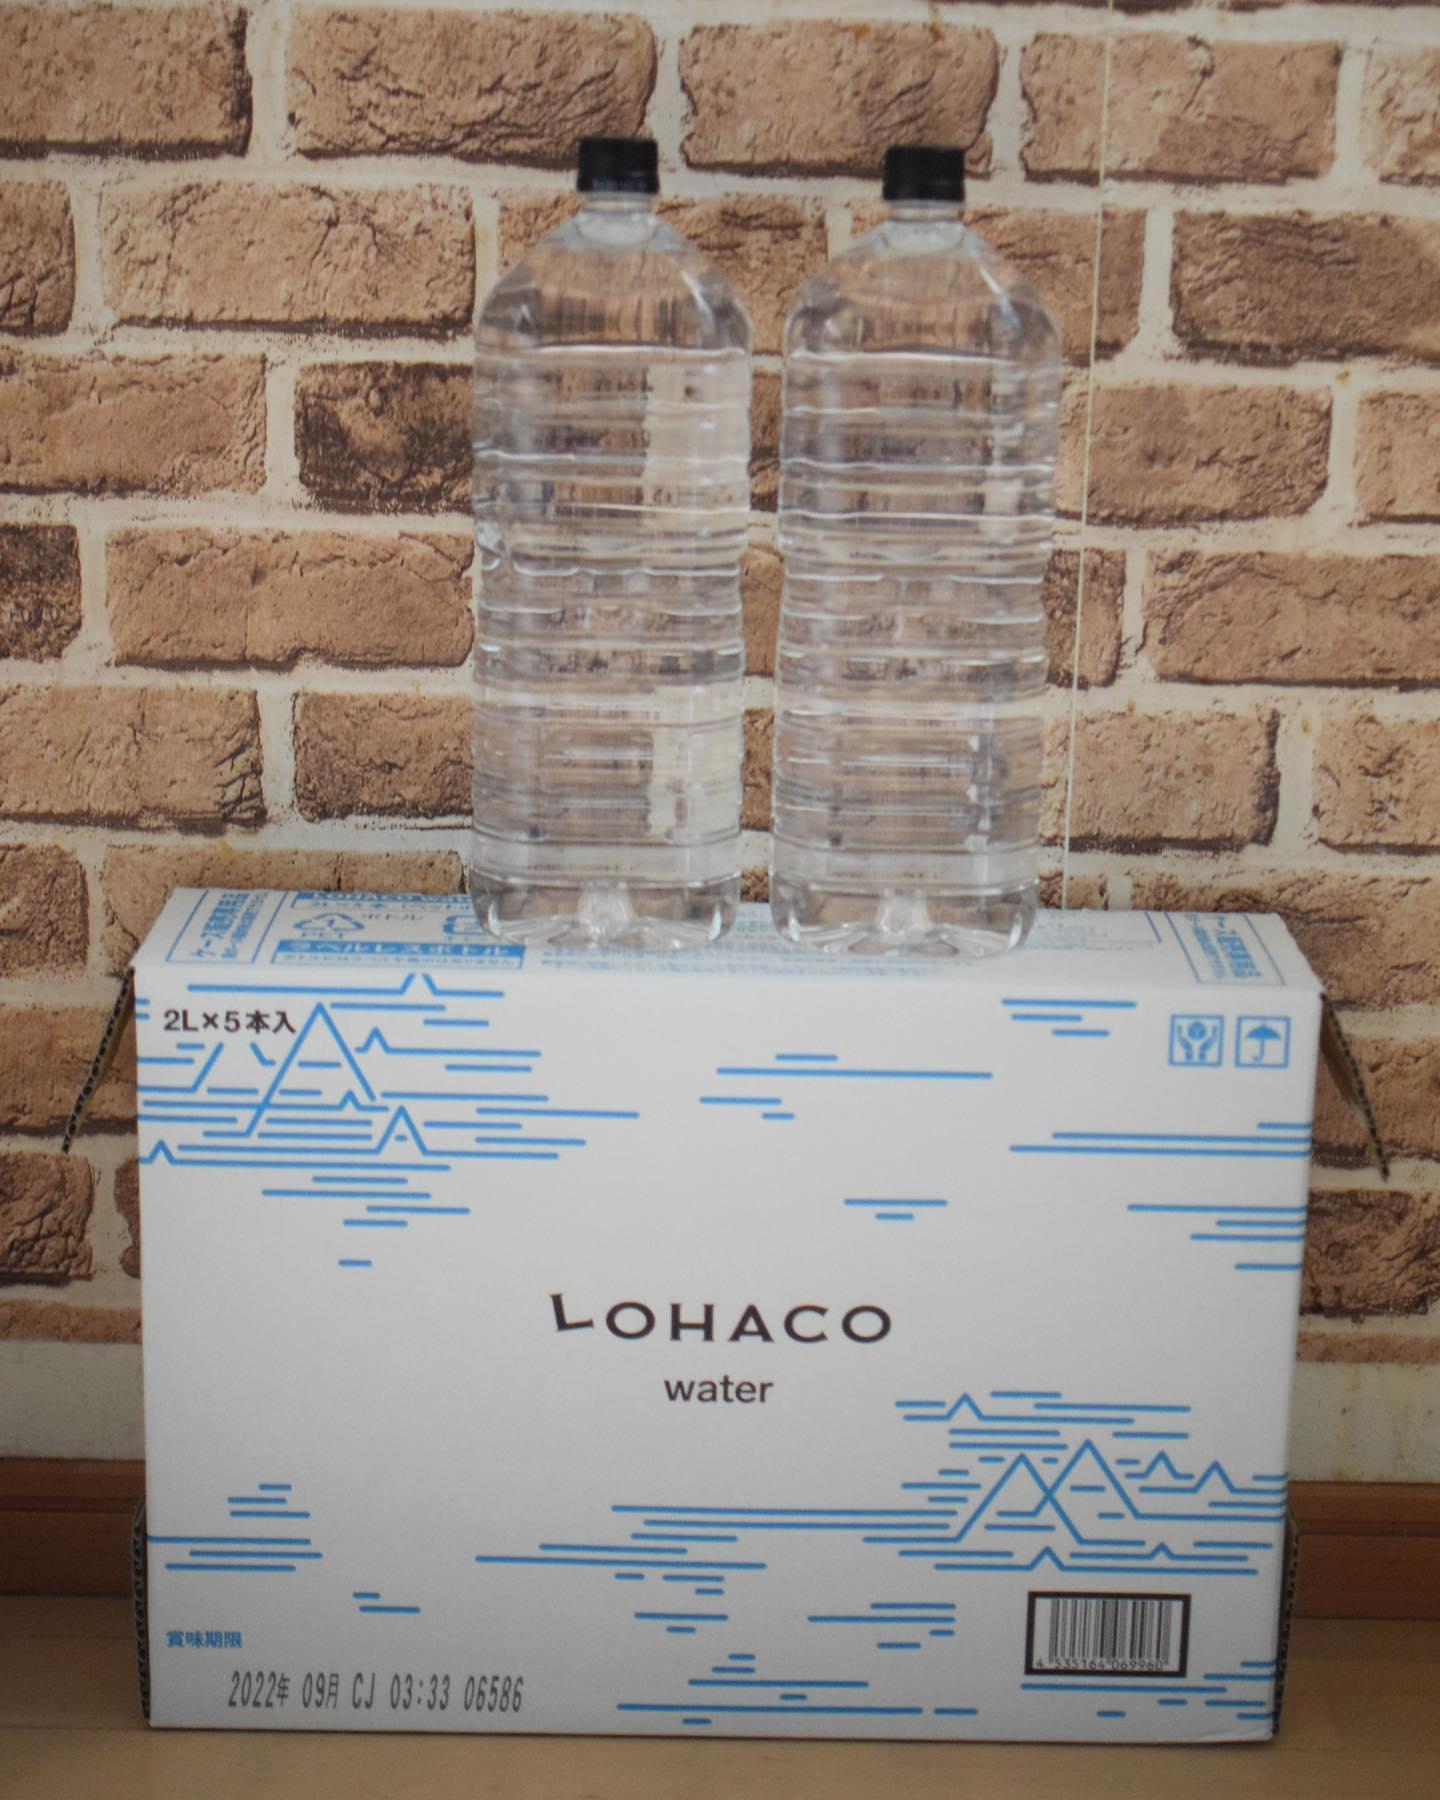 口コミ投稿:【LOHACO限定】LOHACO Water 2L  ラベルレス硬度19mg/Lと超軟水で、天然のミネラル…